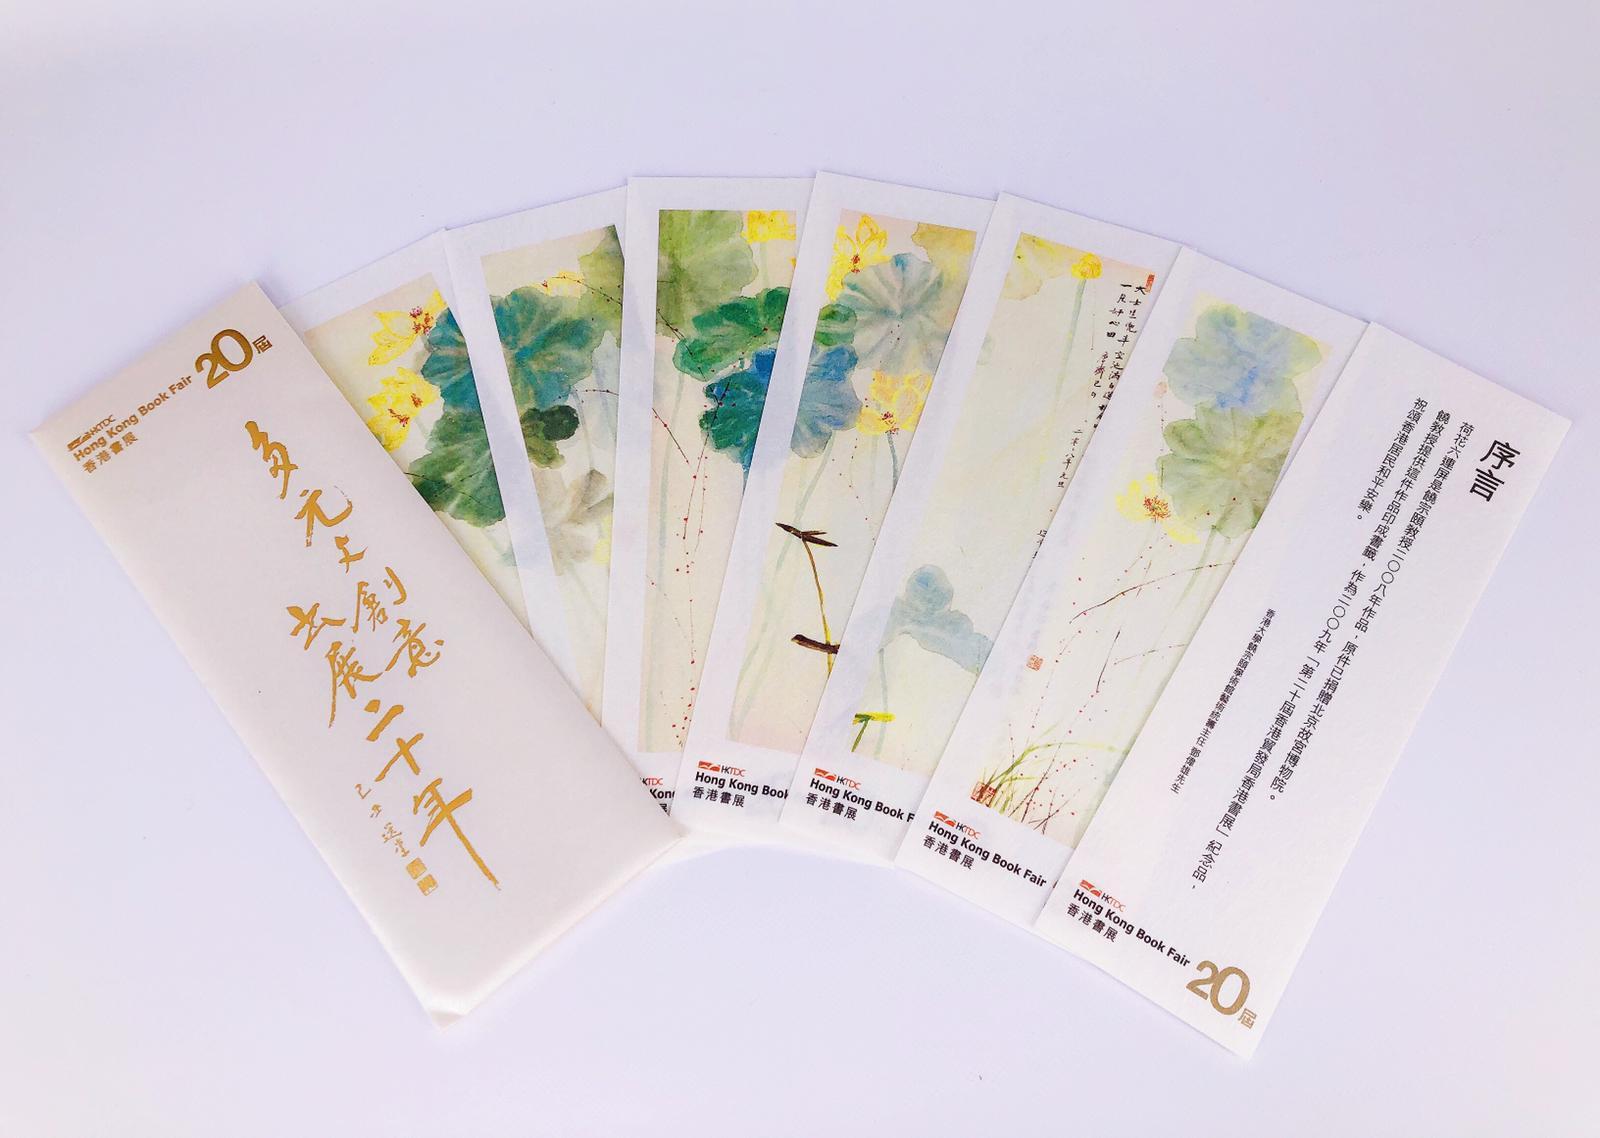 009年第20屆香港書展,饒宗頤的作品以「荷花六連屏」為題,祝賀香港居民和平安樂的限定版書籤。